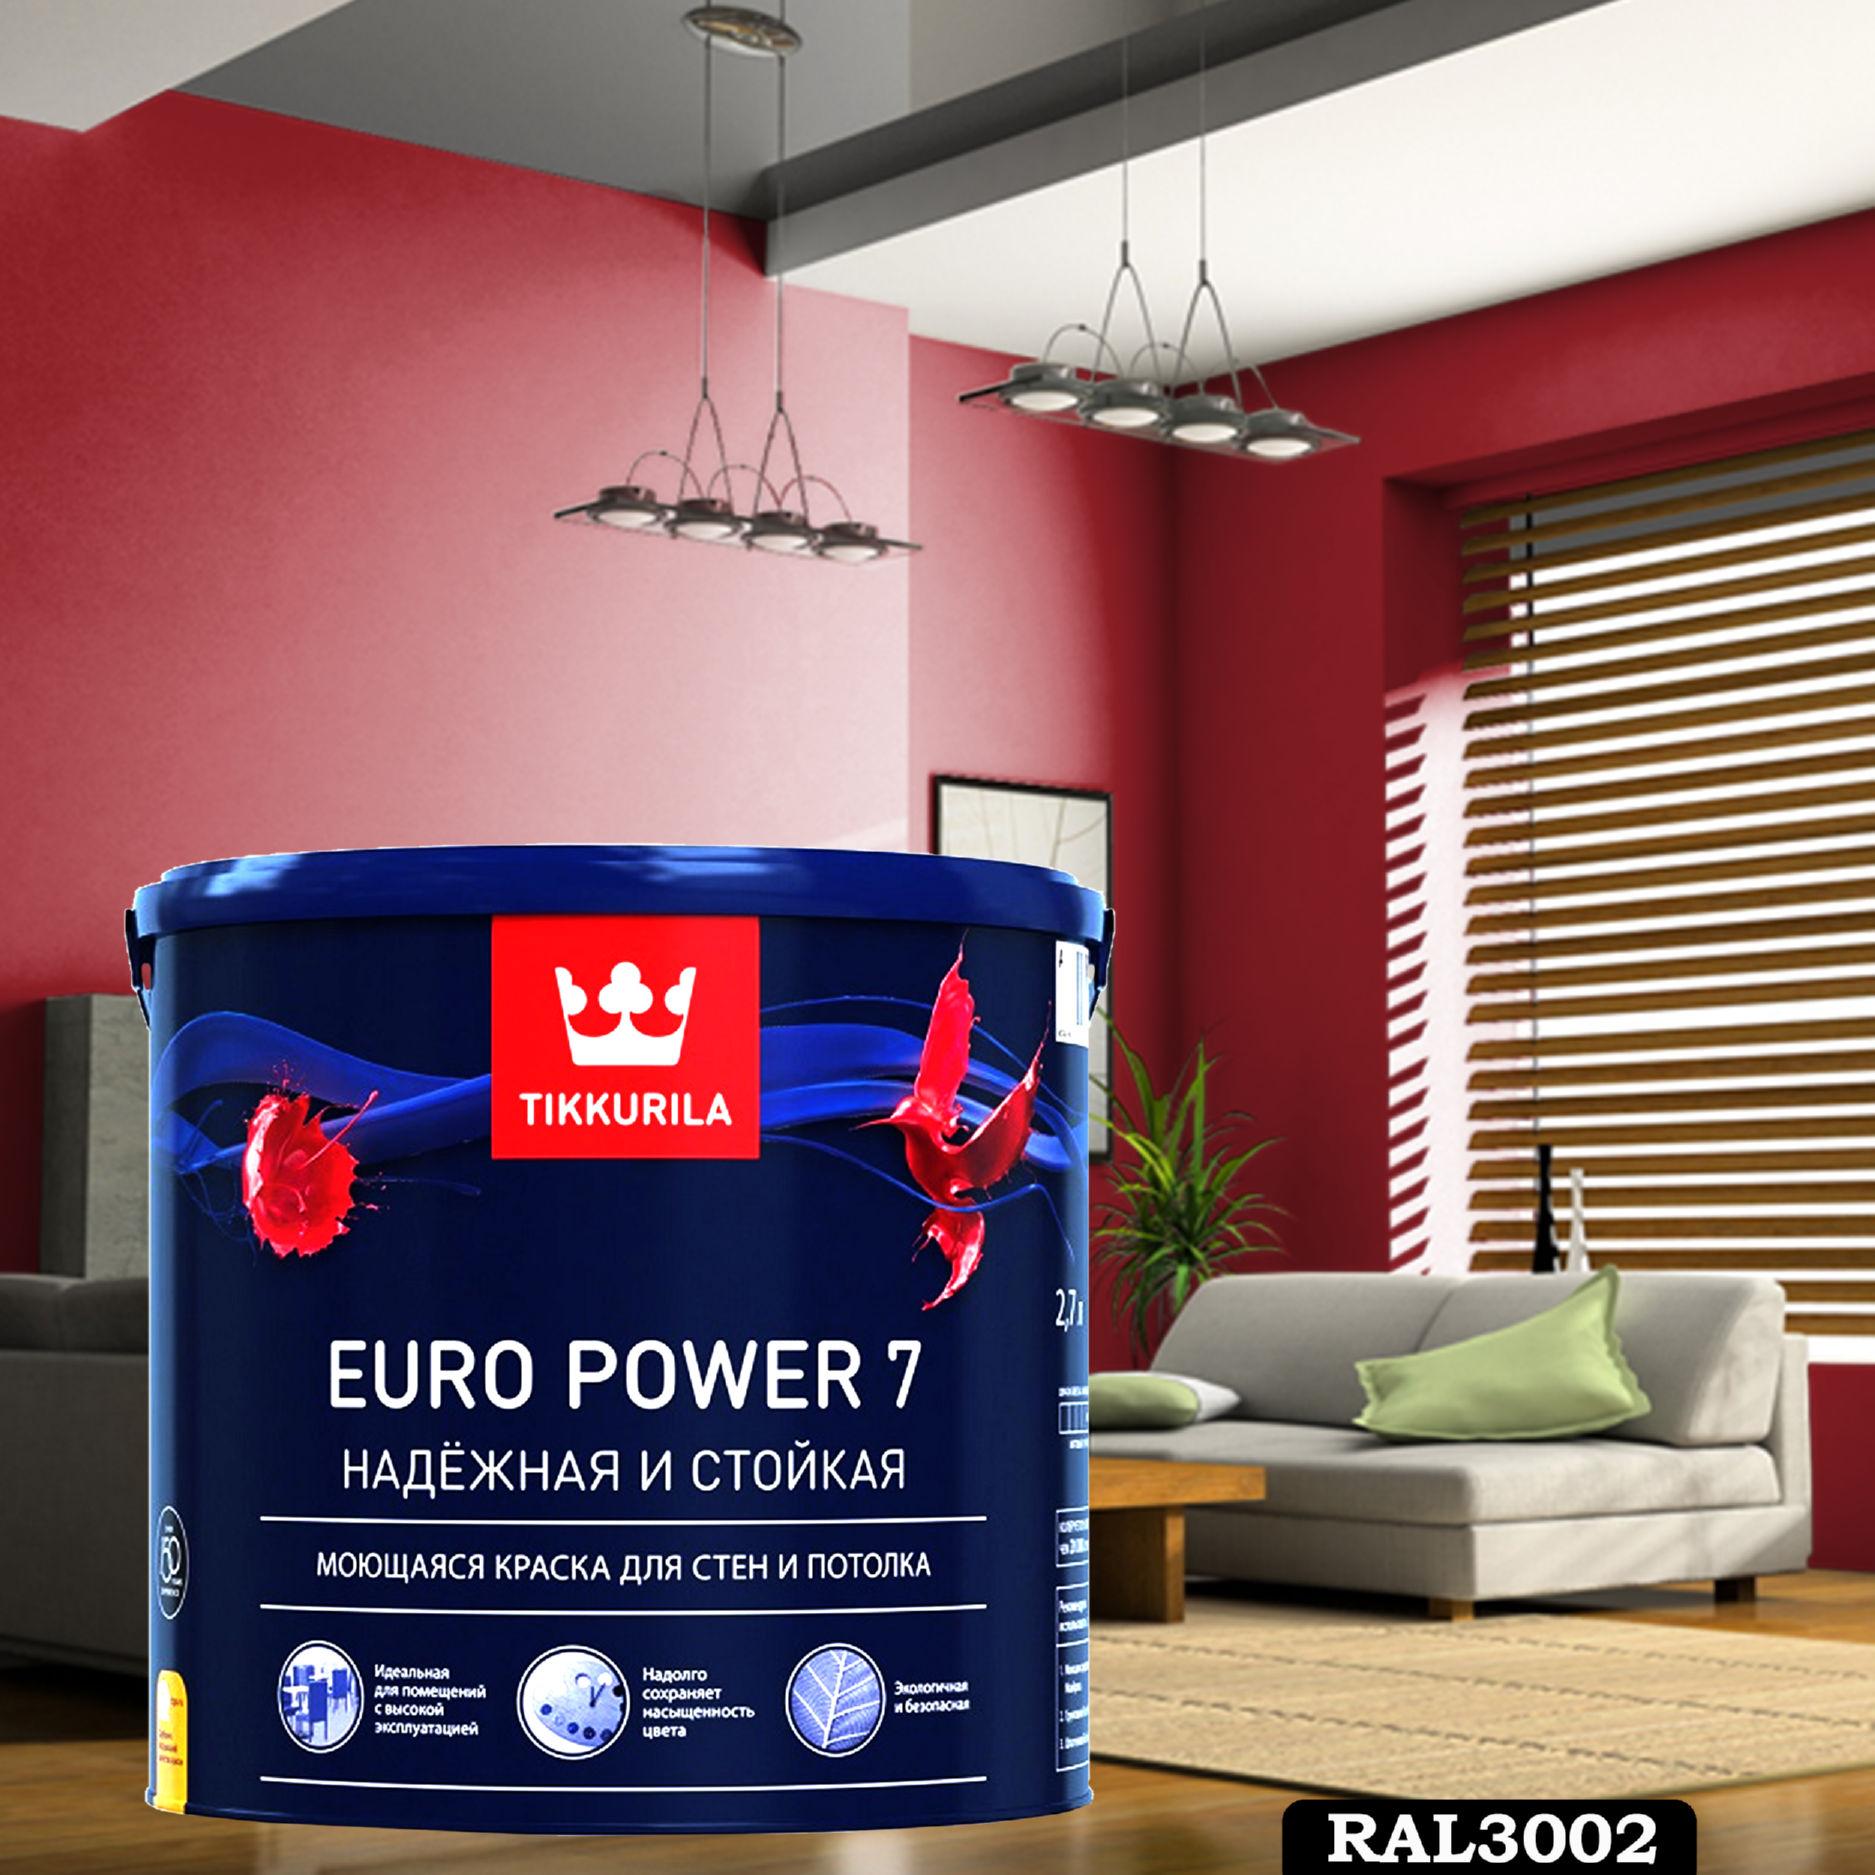 Фото 3 - Краска TIKKURILA Euro Power 7,  RAL 3002 Карминно-красный, латексная моющаяся матовая интерьерная, 9 л.